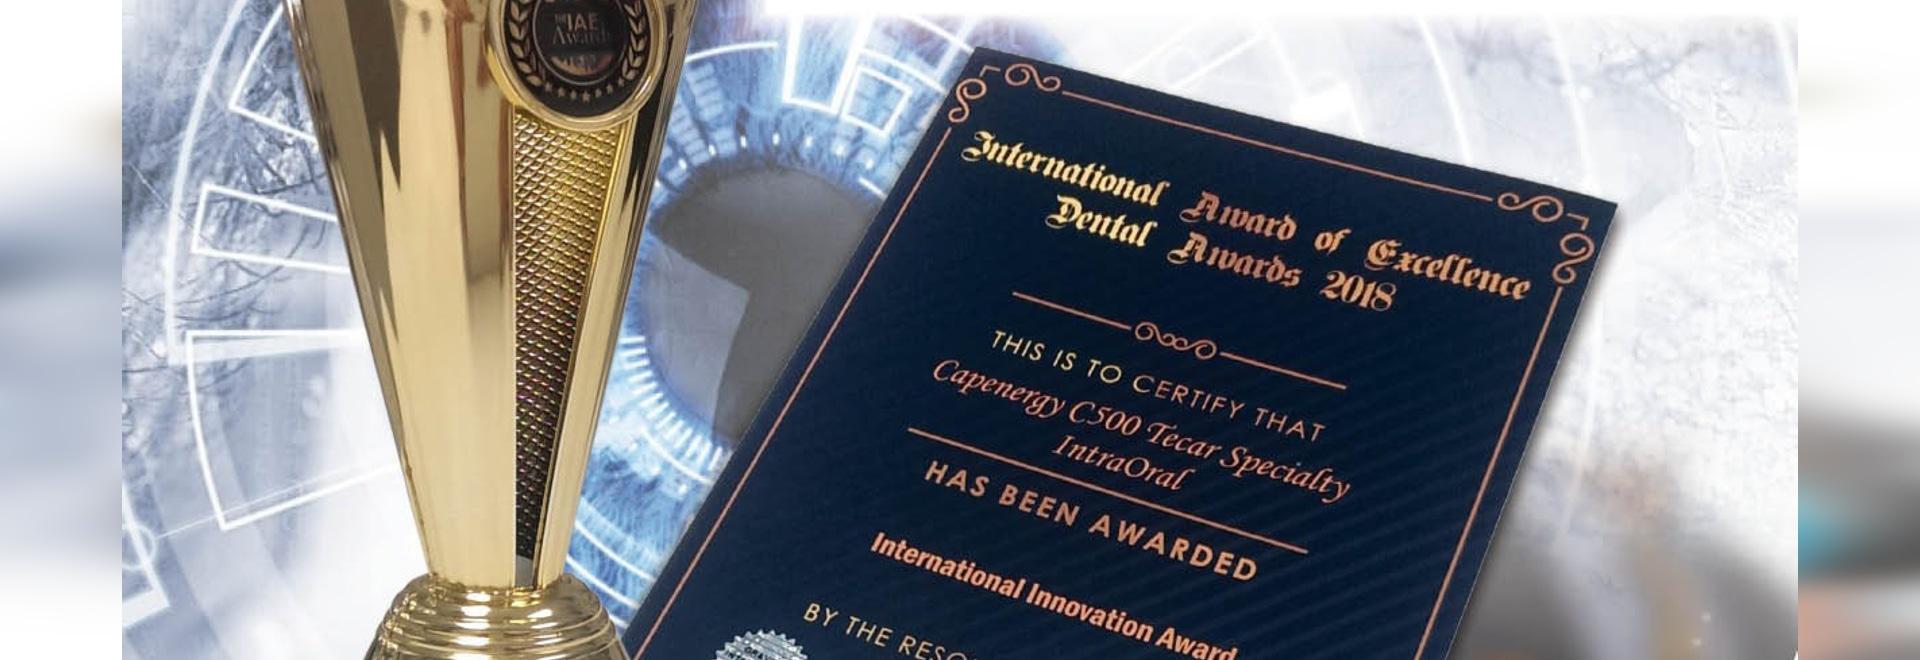 El equipo Capenergy C500 Tecar Specialty IntraOral premiado por The IAE Awards Council